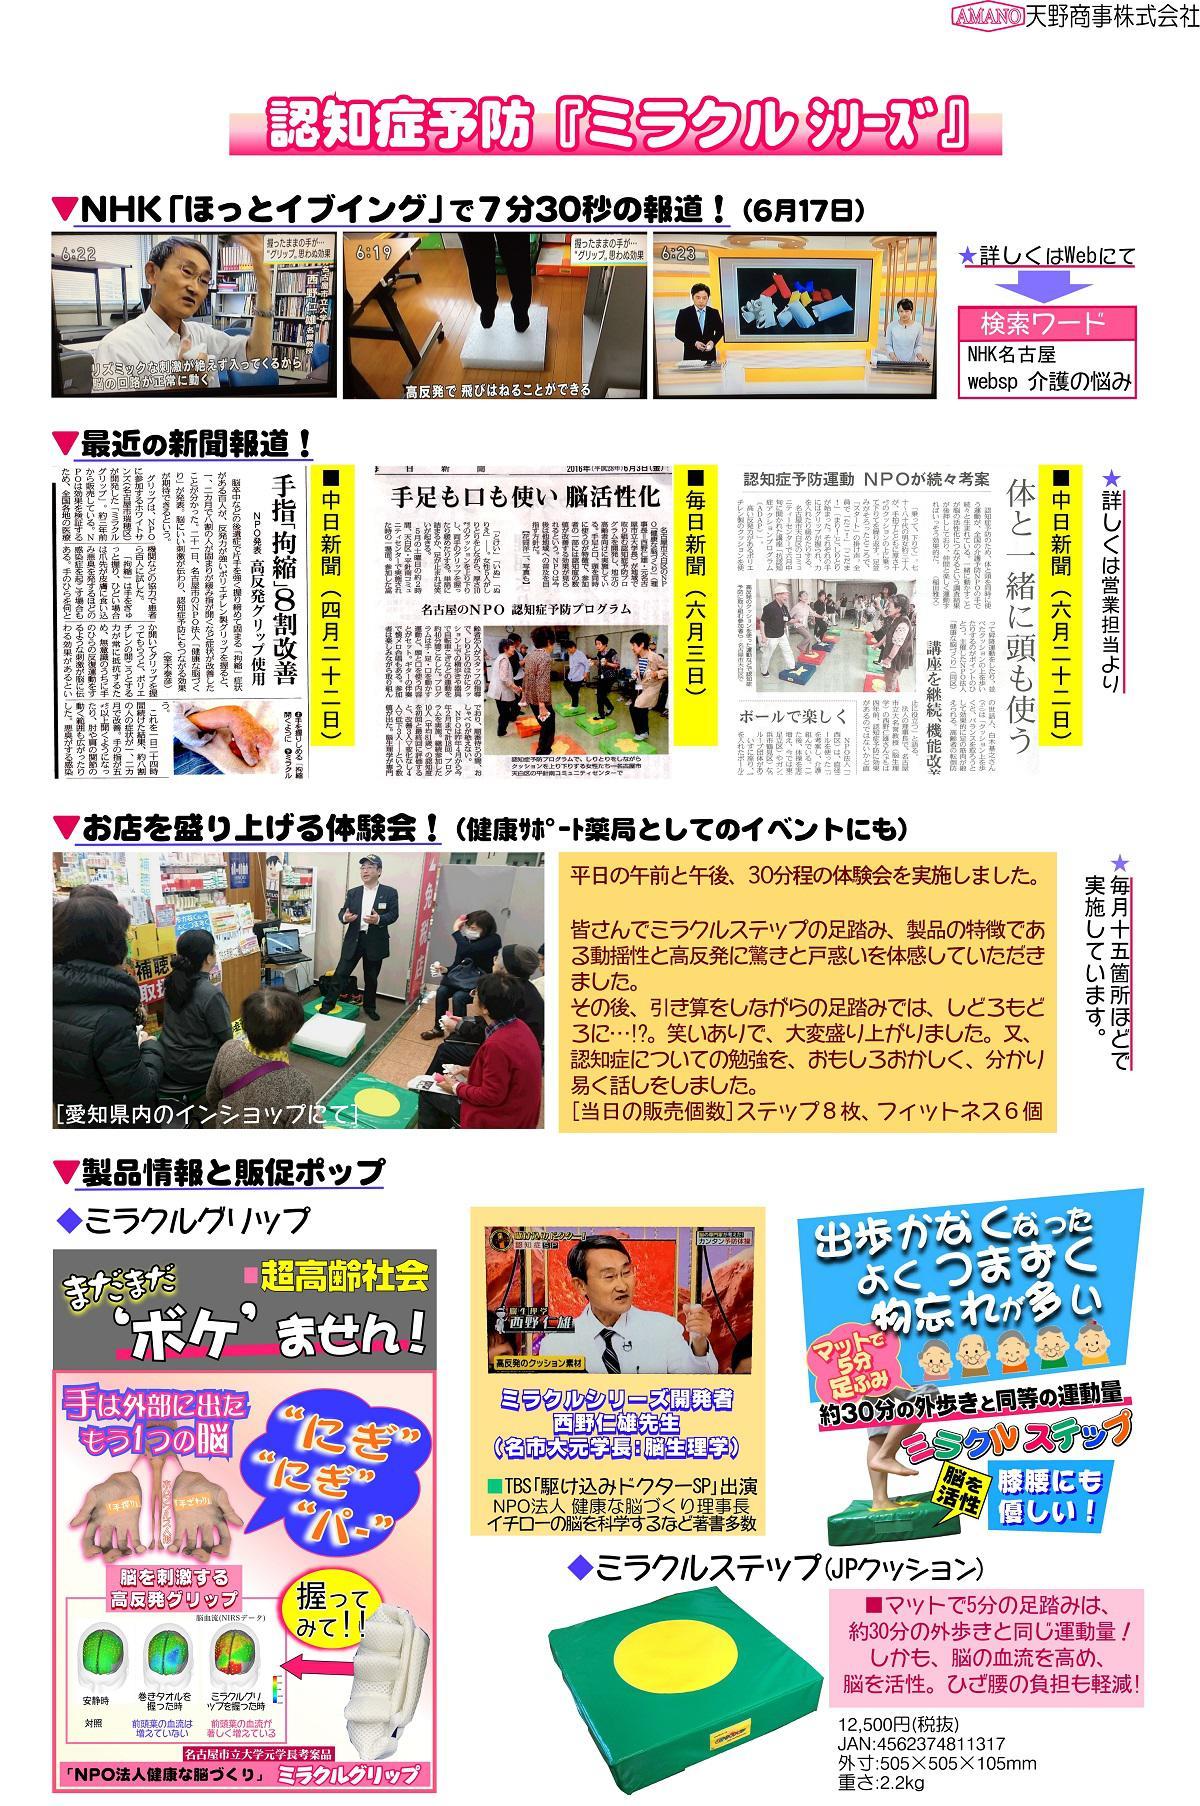 メディア報道・イベント展開の報告